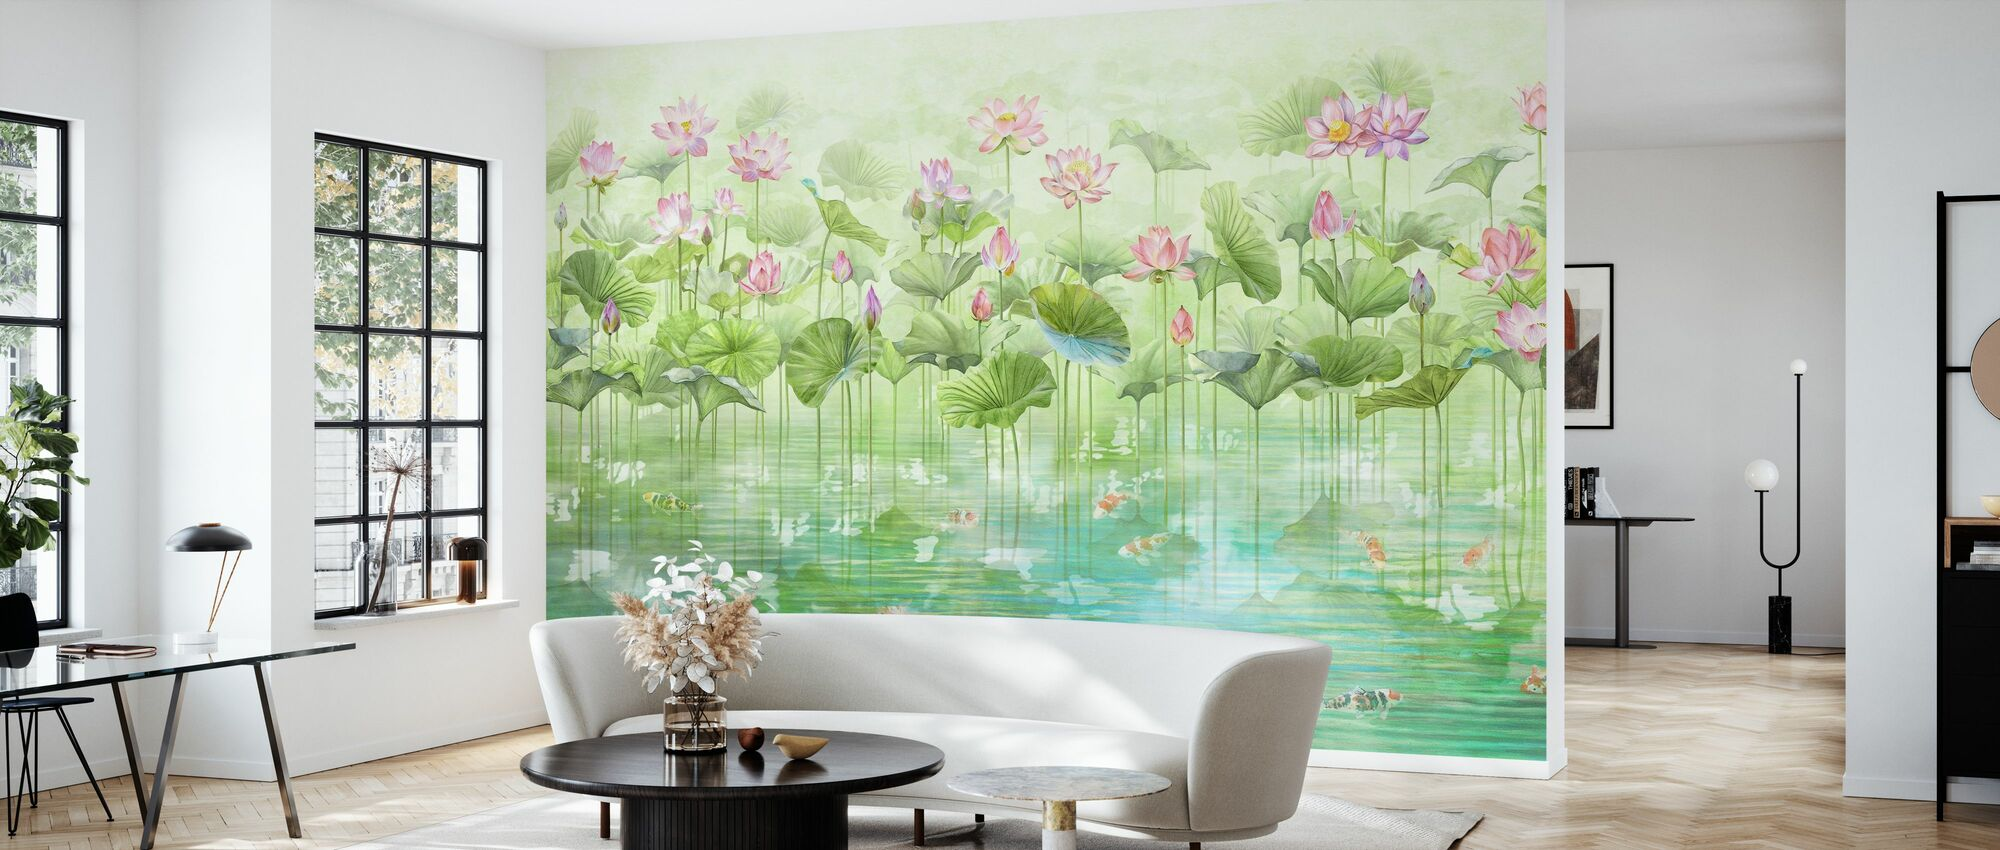 Koi Koi - Wallpaper - Living Room